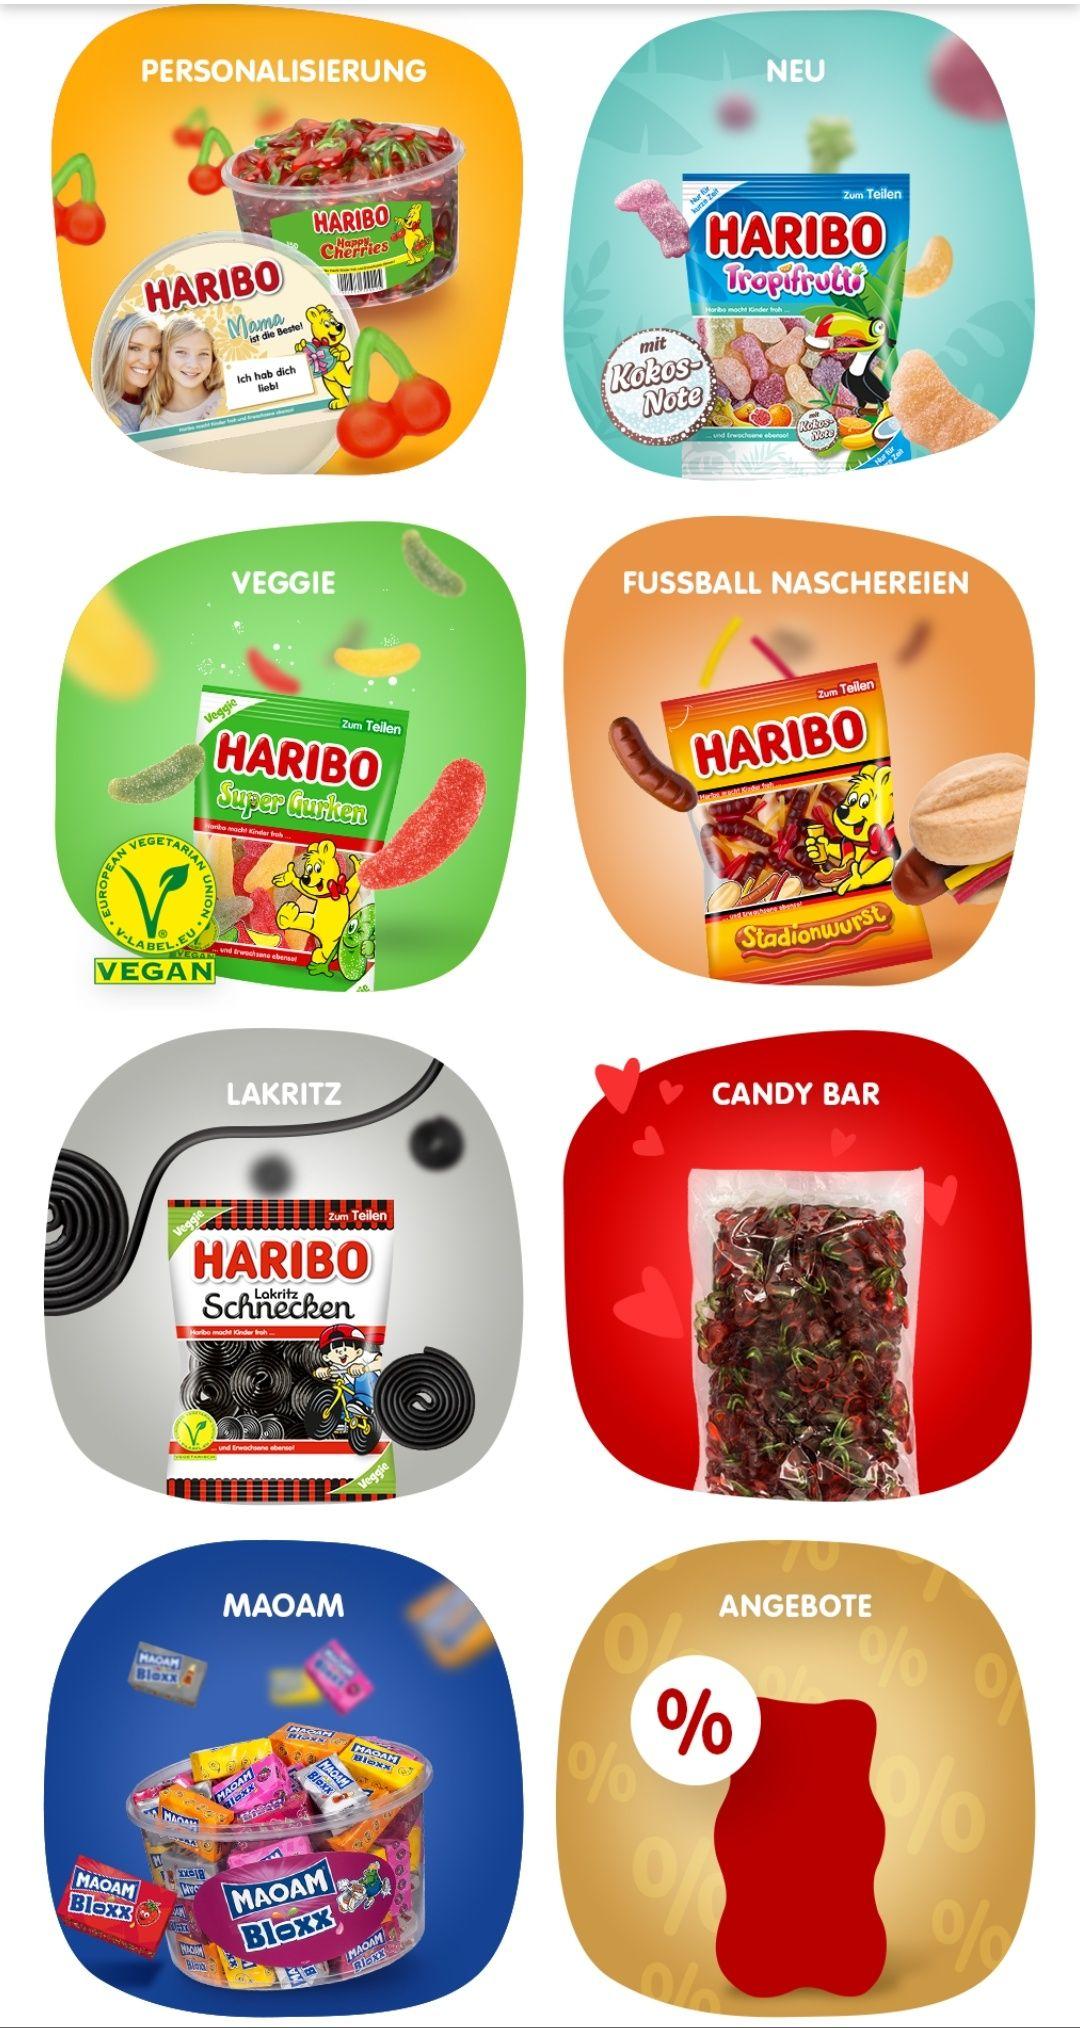 [Paydirekt+HARIBO] Gratis Personalisierung und Versand ab 20€